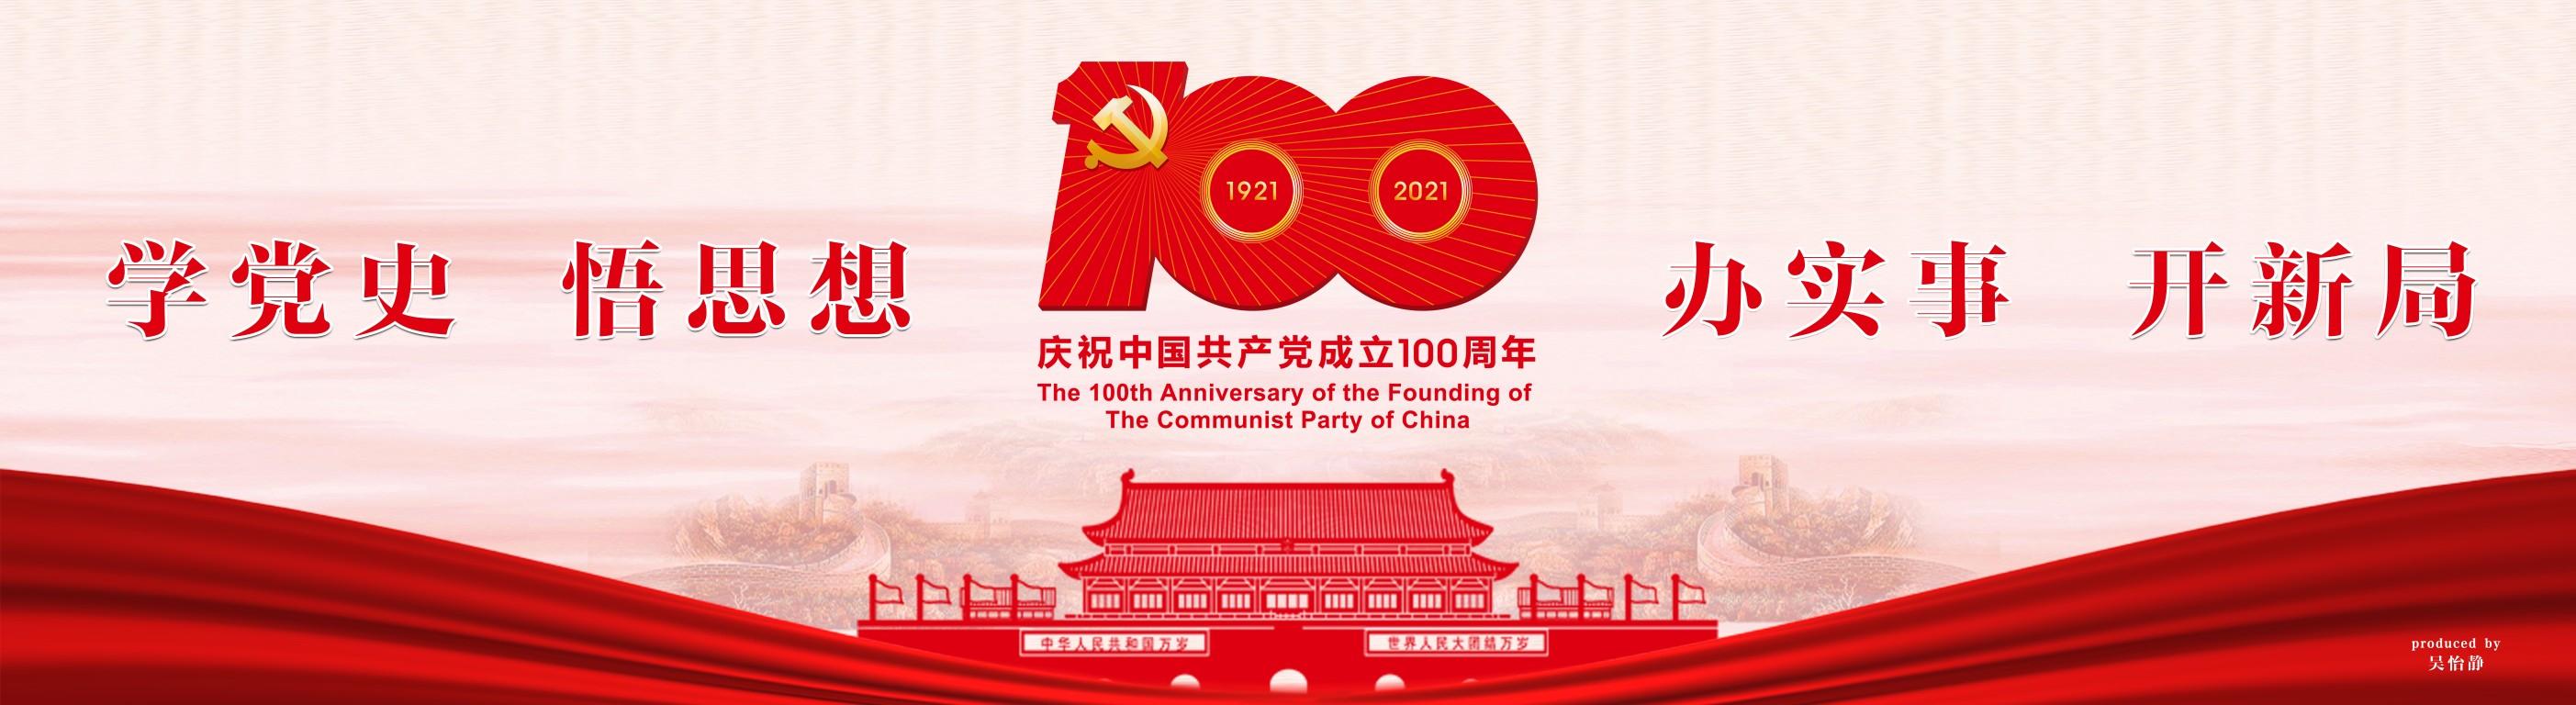 庆祝中国共产党成立一百周年